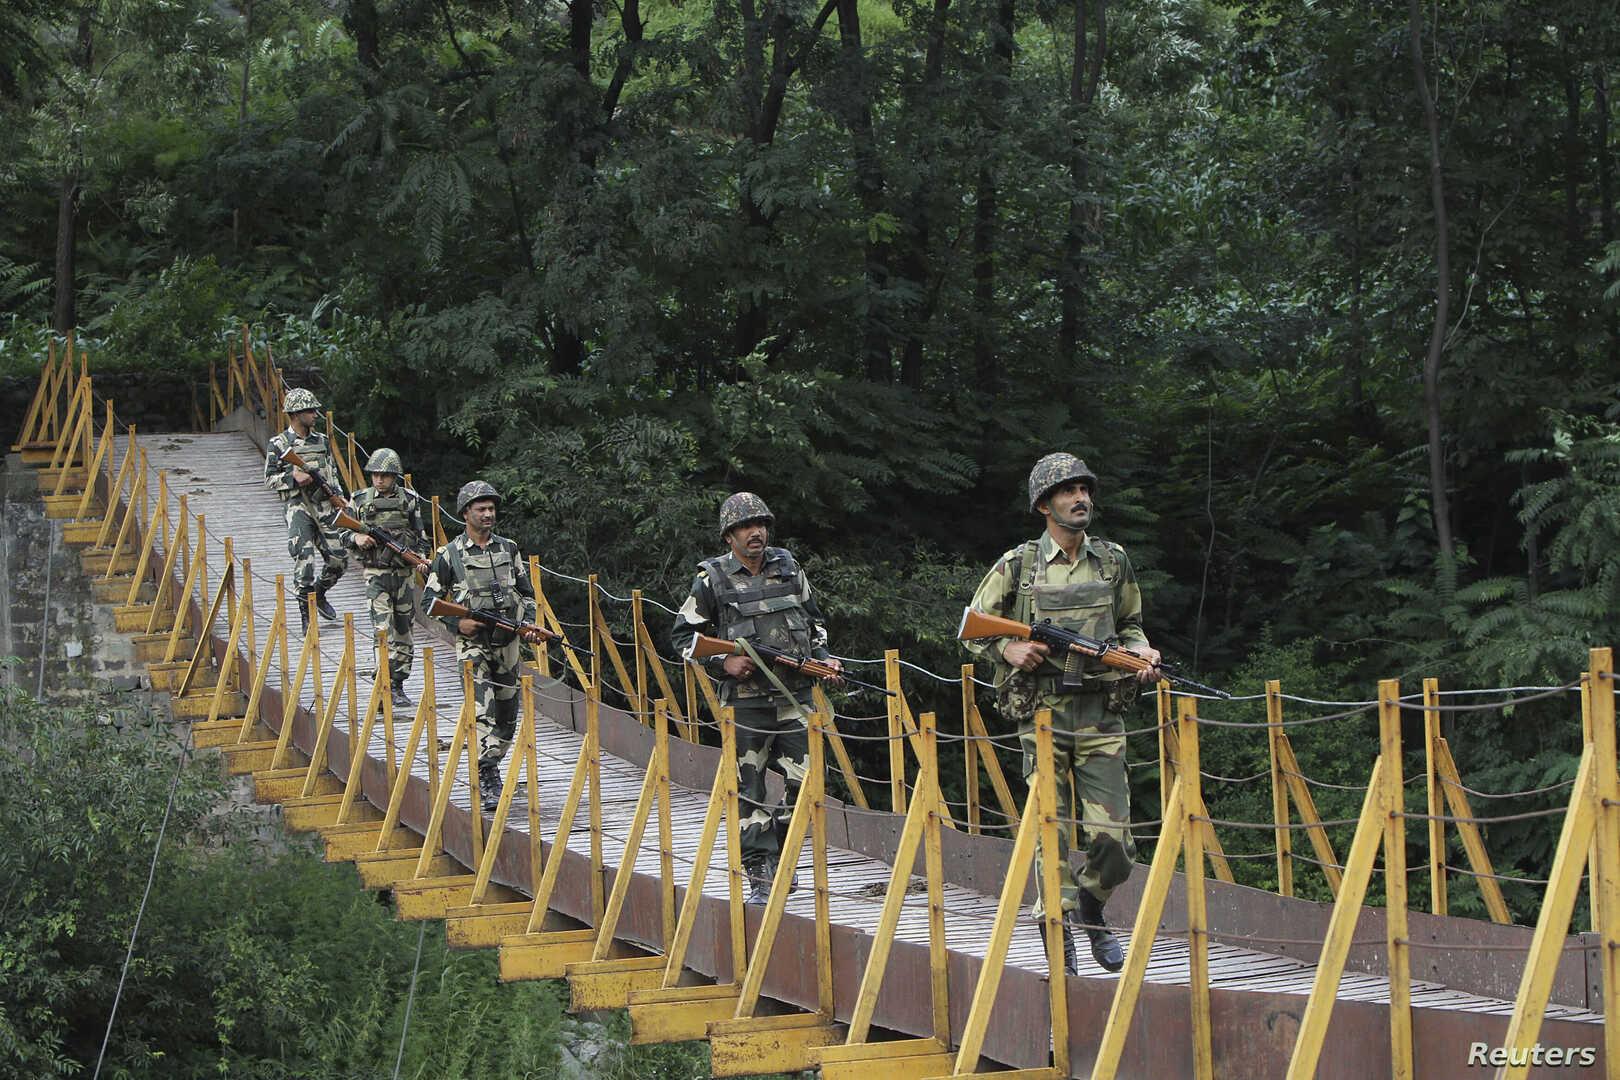 القوات الهندية في كشمير. الصورة: رويترز. أرشيف..